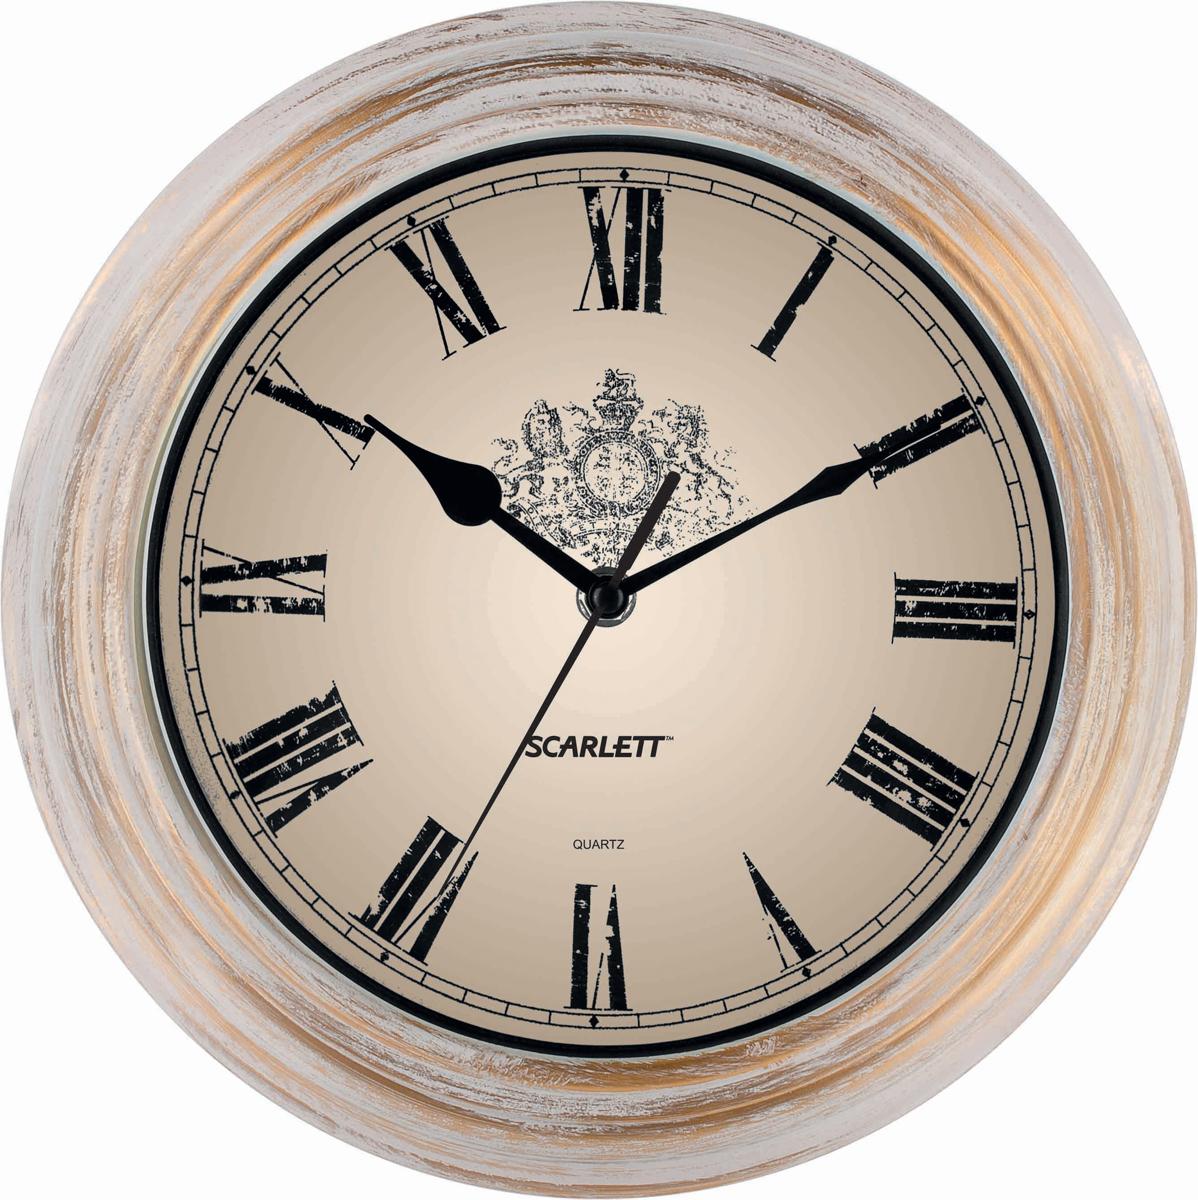 Настенные кварцевые часы Scarlett SC-27B, изготовленные из  пластика, прекрасно впишутся в интерьер  вашего дома. Круглые часы имеют три стрелки: часовую,  минутную и секундную, циферблат защищен прозрачным  пластиком.  Часы работают от 1 батарейки типа АА напряжением 1,5 В  (батарейка в комплект не входит).